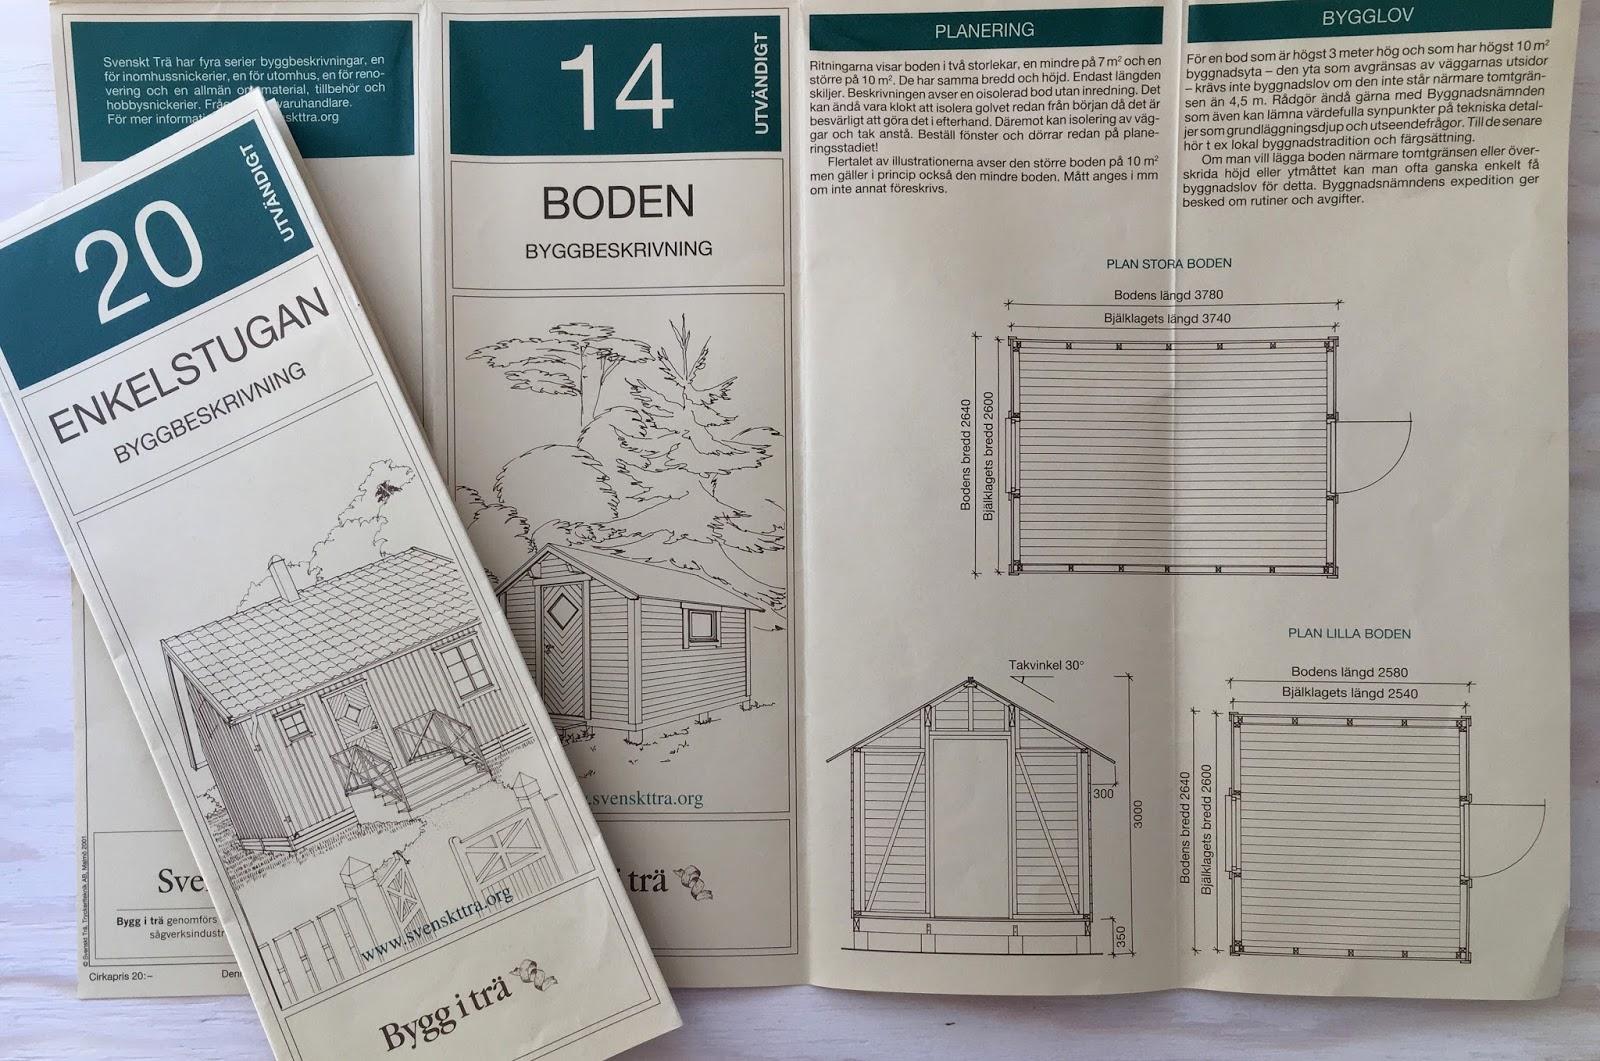 Textil och sÅnt: att bygga